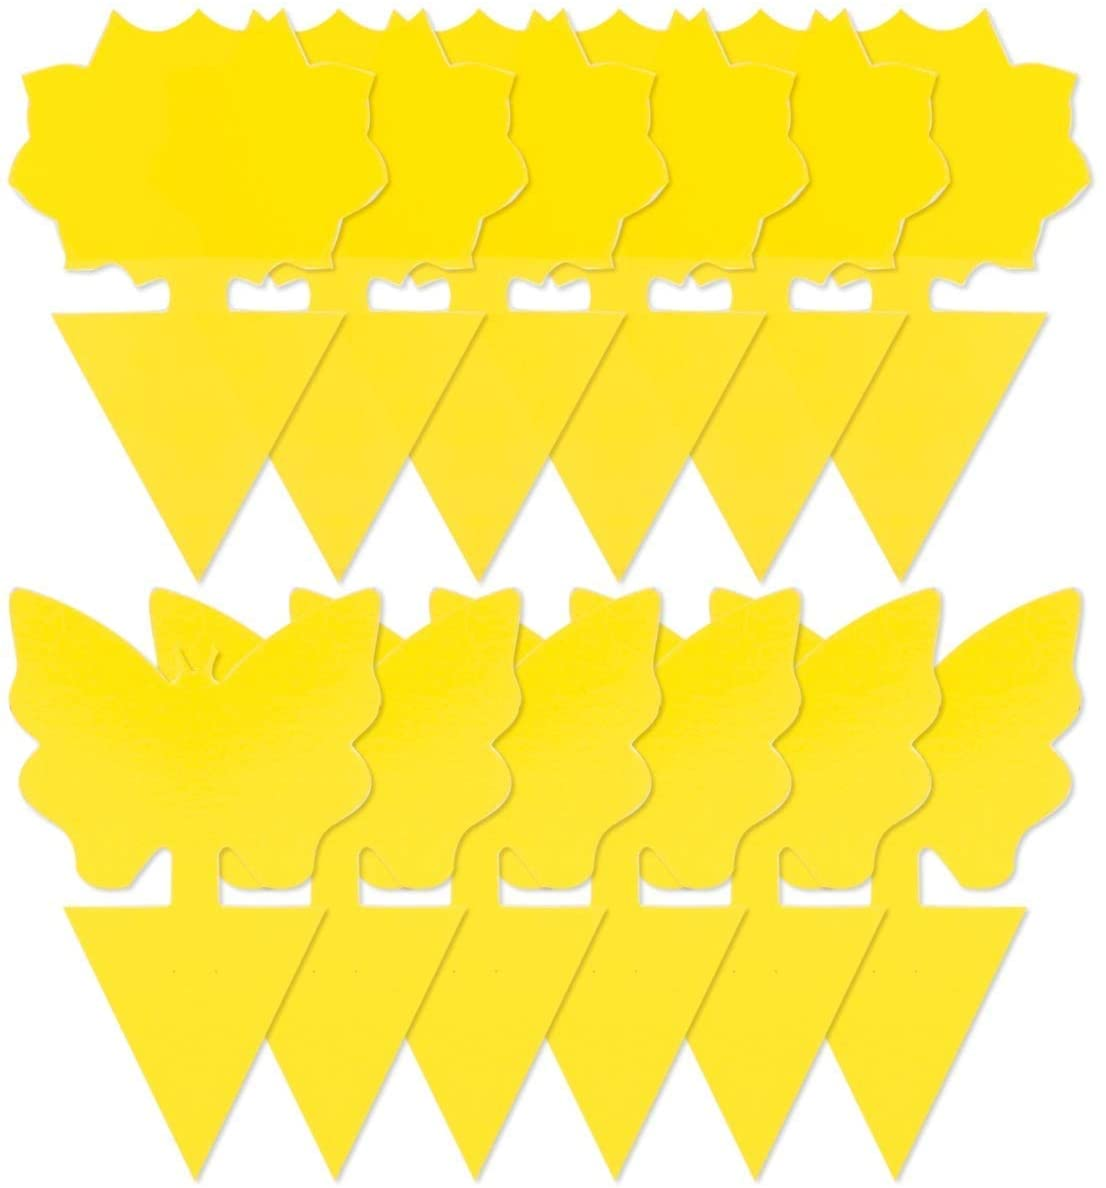 Двусторонняя клейкая доска в форме желтой бабочки, клейкая доска для растений, цветов и овощей, ловушка для комаров, мух, наклейка для контро...